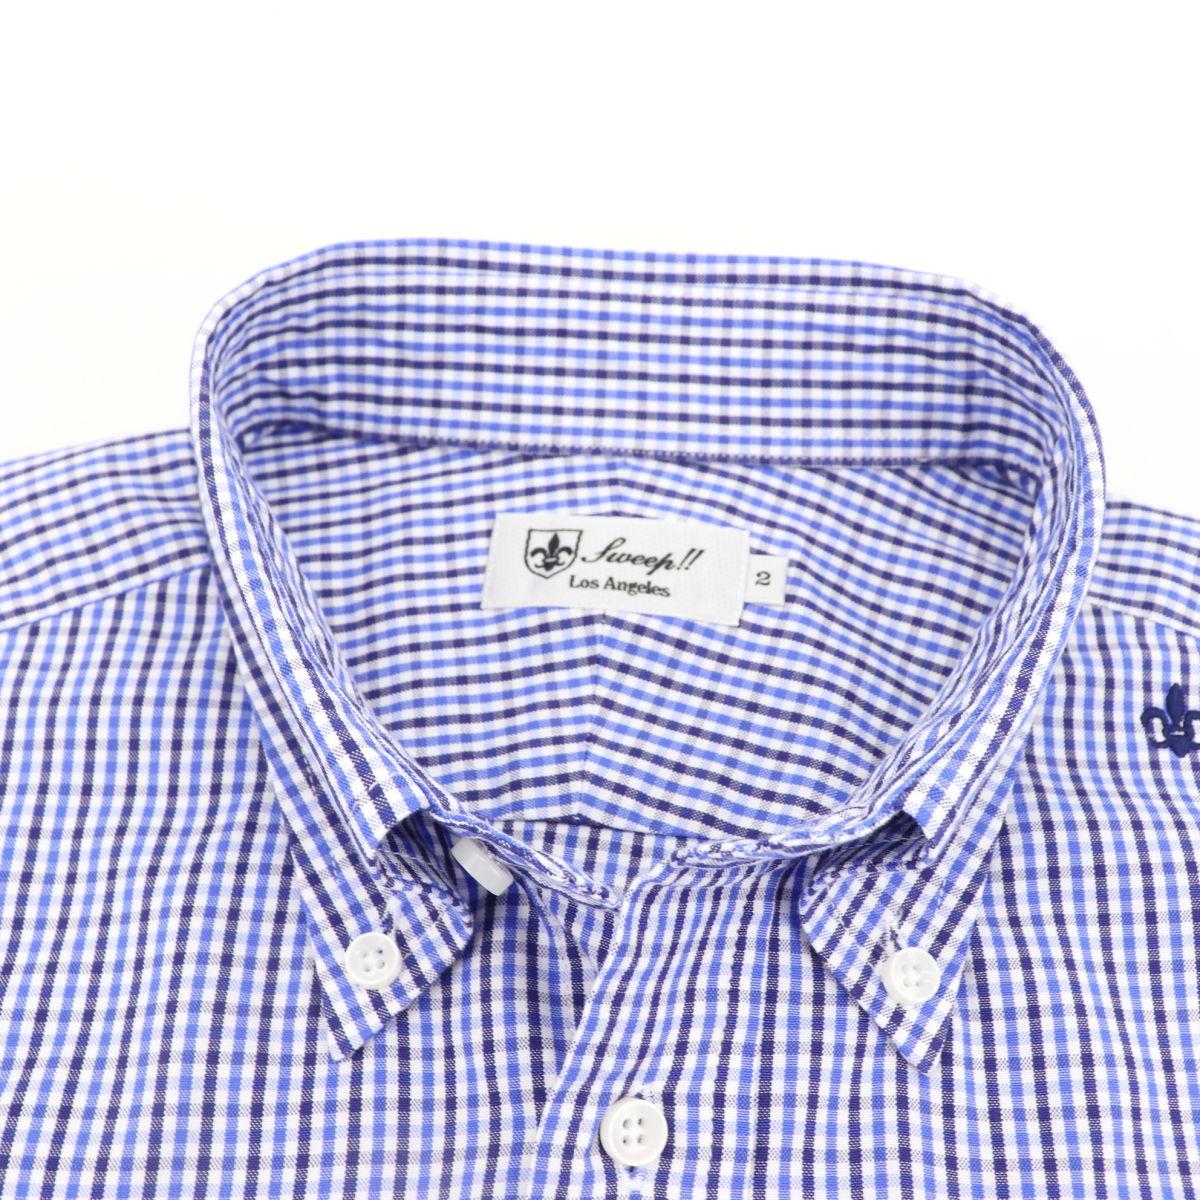 スウィープ ロサンゼルス Sweep!! LosAngeles メンズ ピンオックスフォード ギンガムチェック ボタンダウンシャツ SL130008  SWP BLUE×NAVY(ブルー×ネイビー) 春夏新作